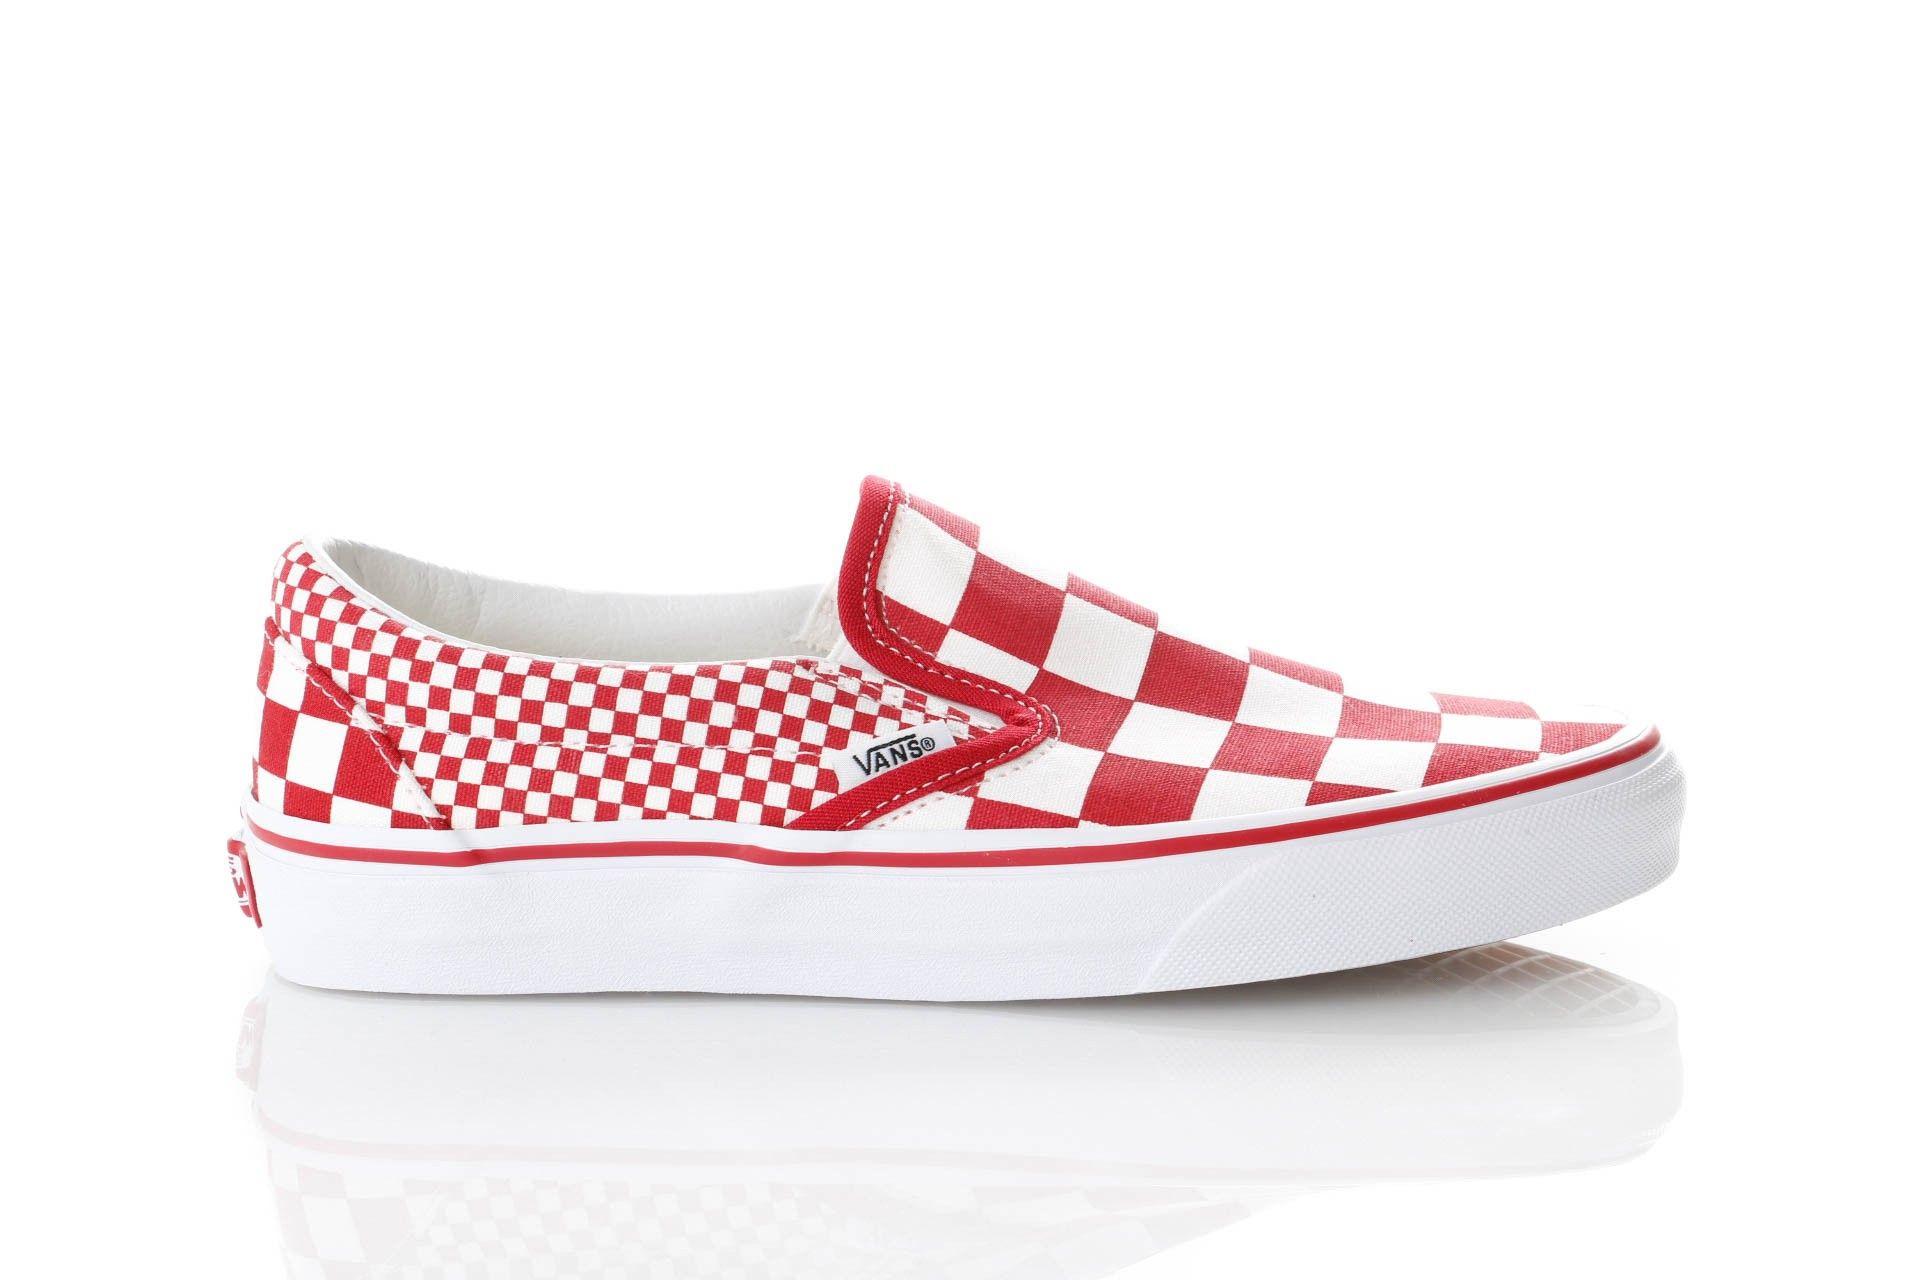 Vans Sneakers De laatste streetwear koop je Go Britain.nl